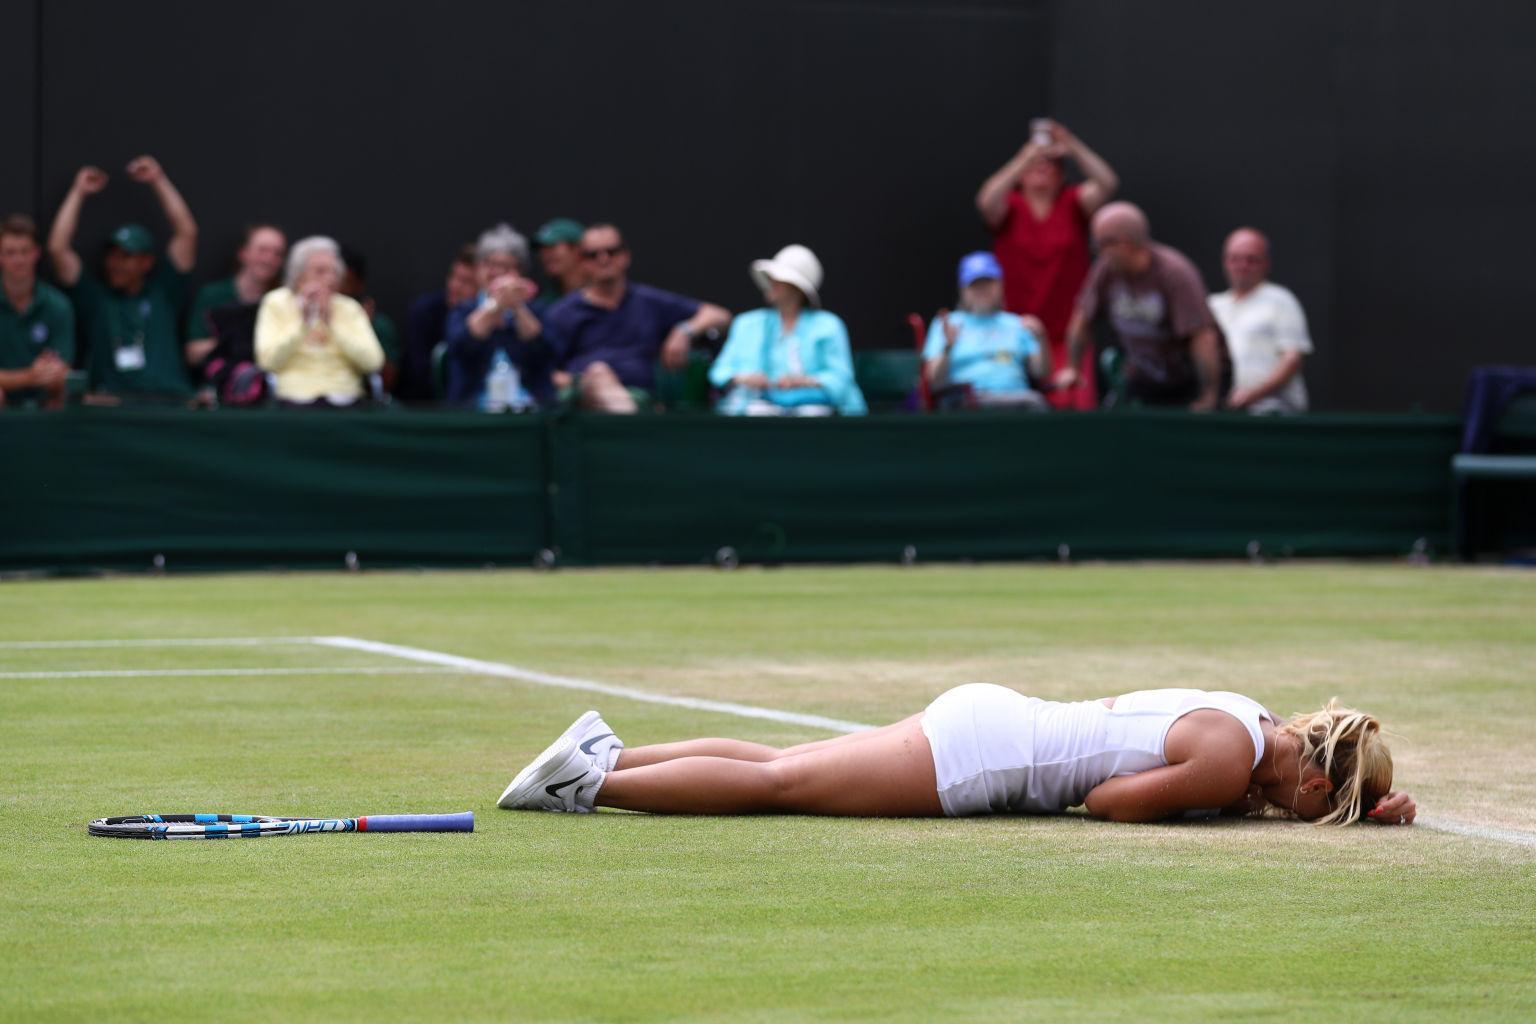 Am Boden: Aber erst nach ihrem überraschenden Sieg gegen die Polin Agnieszka Radwanska